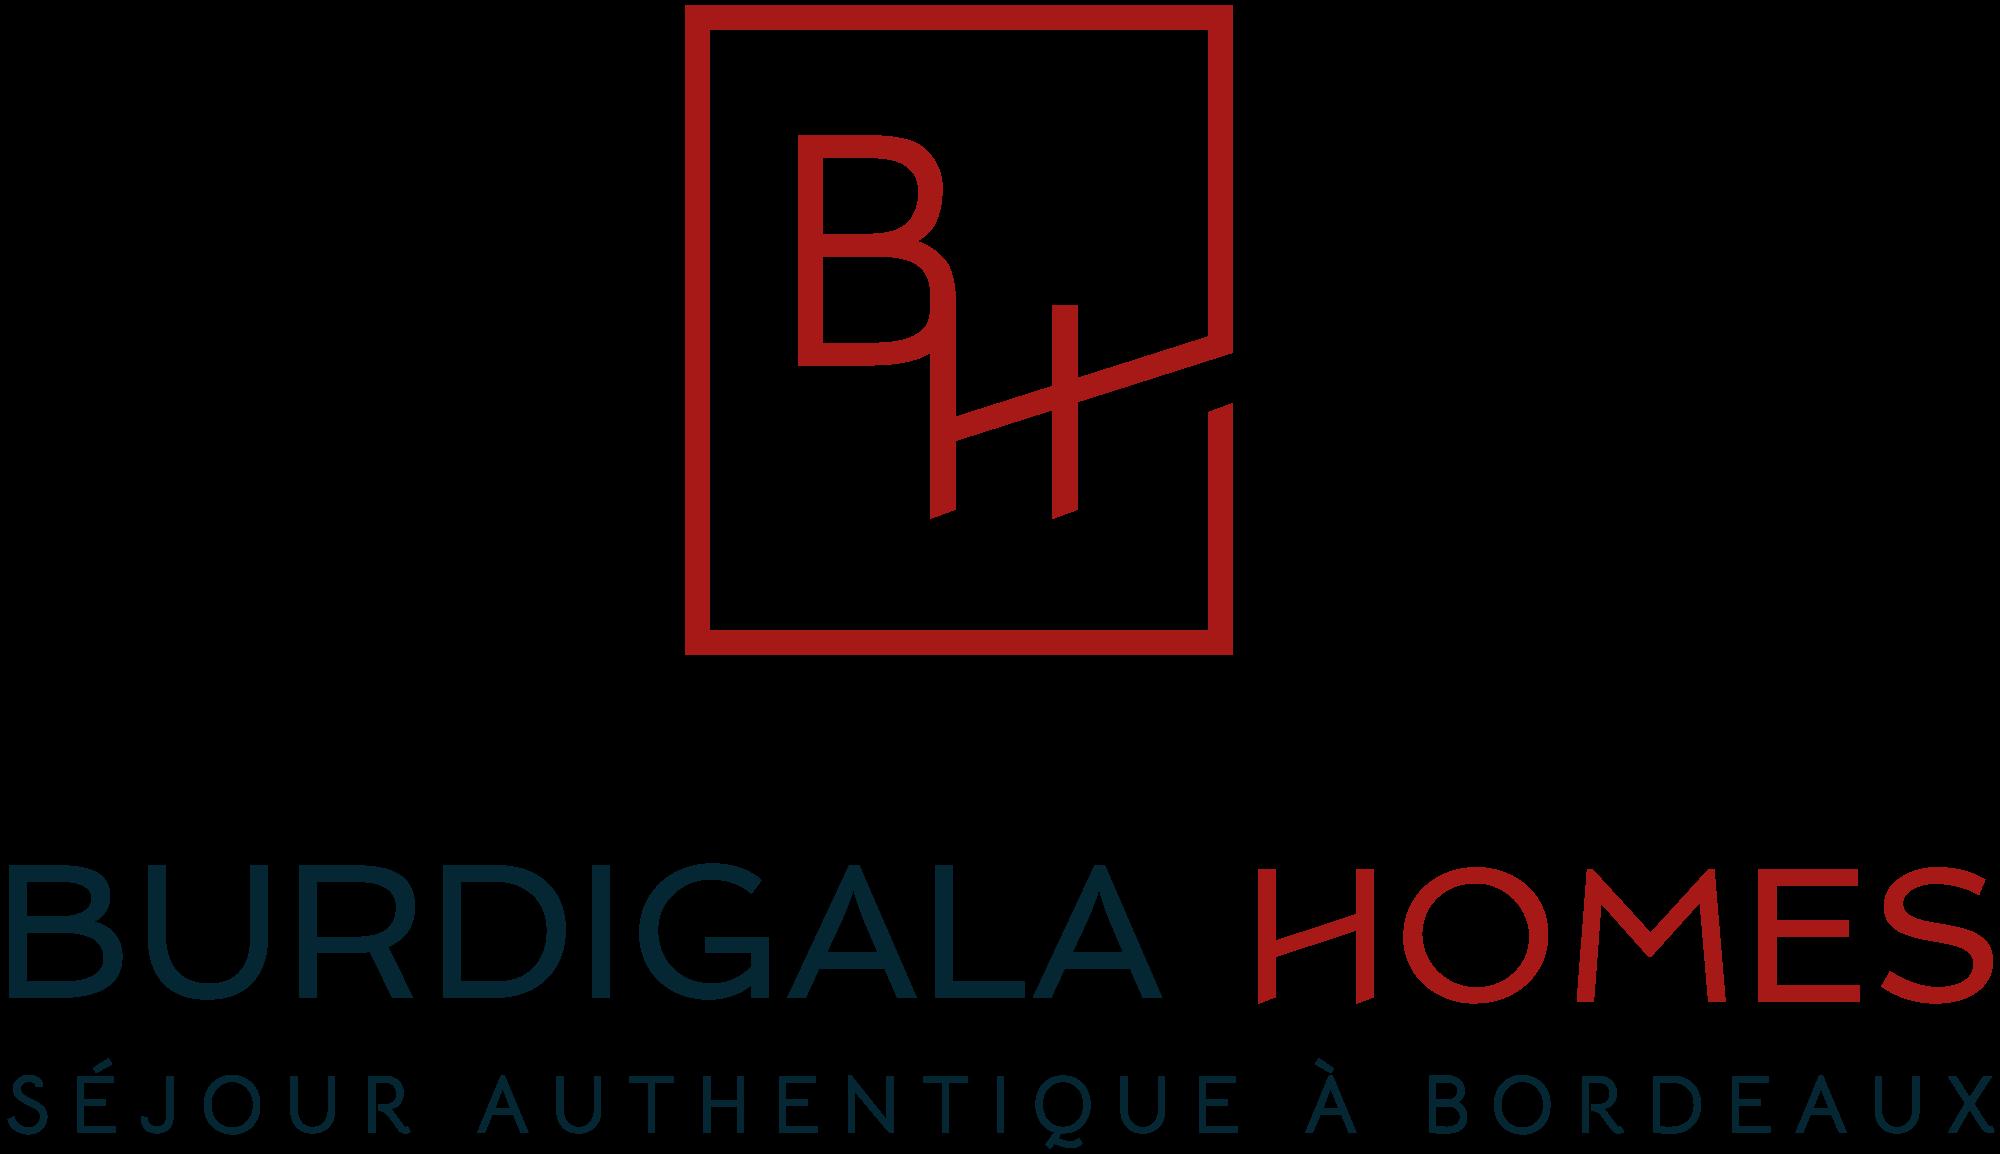 Burdigala Homes - Appartements à Bordeaux